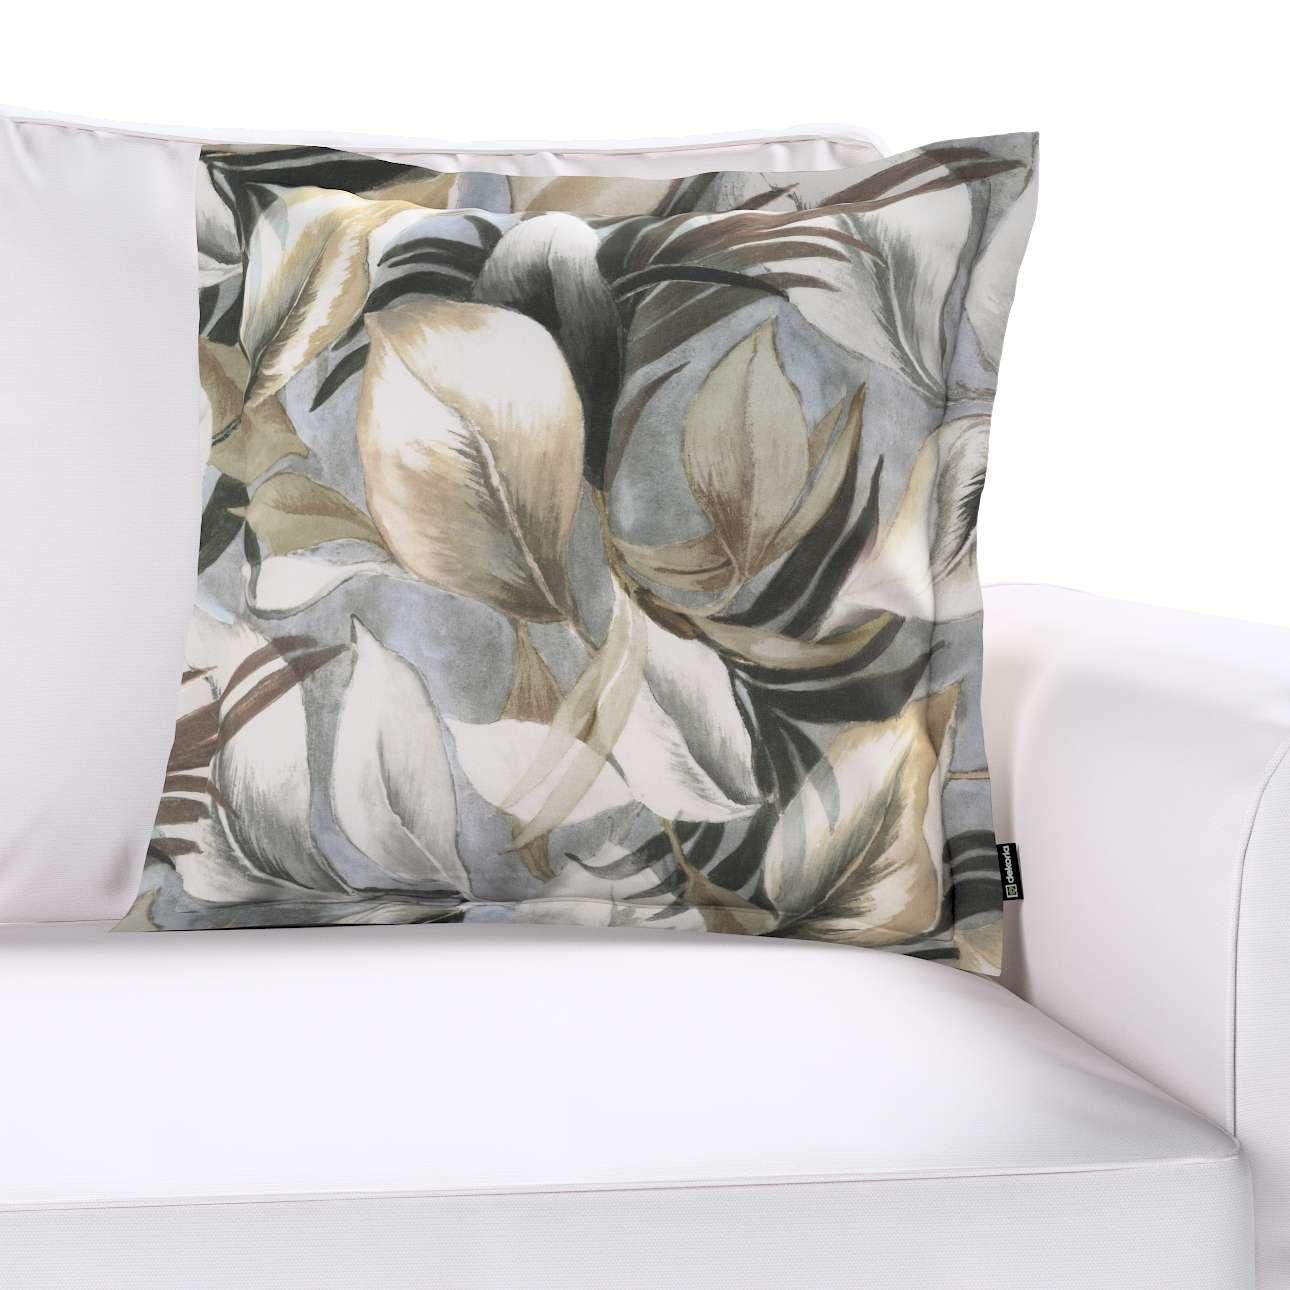 Poszewka Mona na poduszkę w kolekcji Abigail, tkanina: 143-60